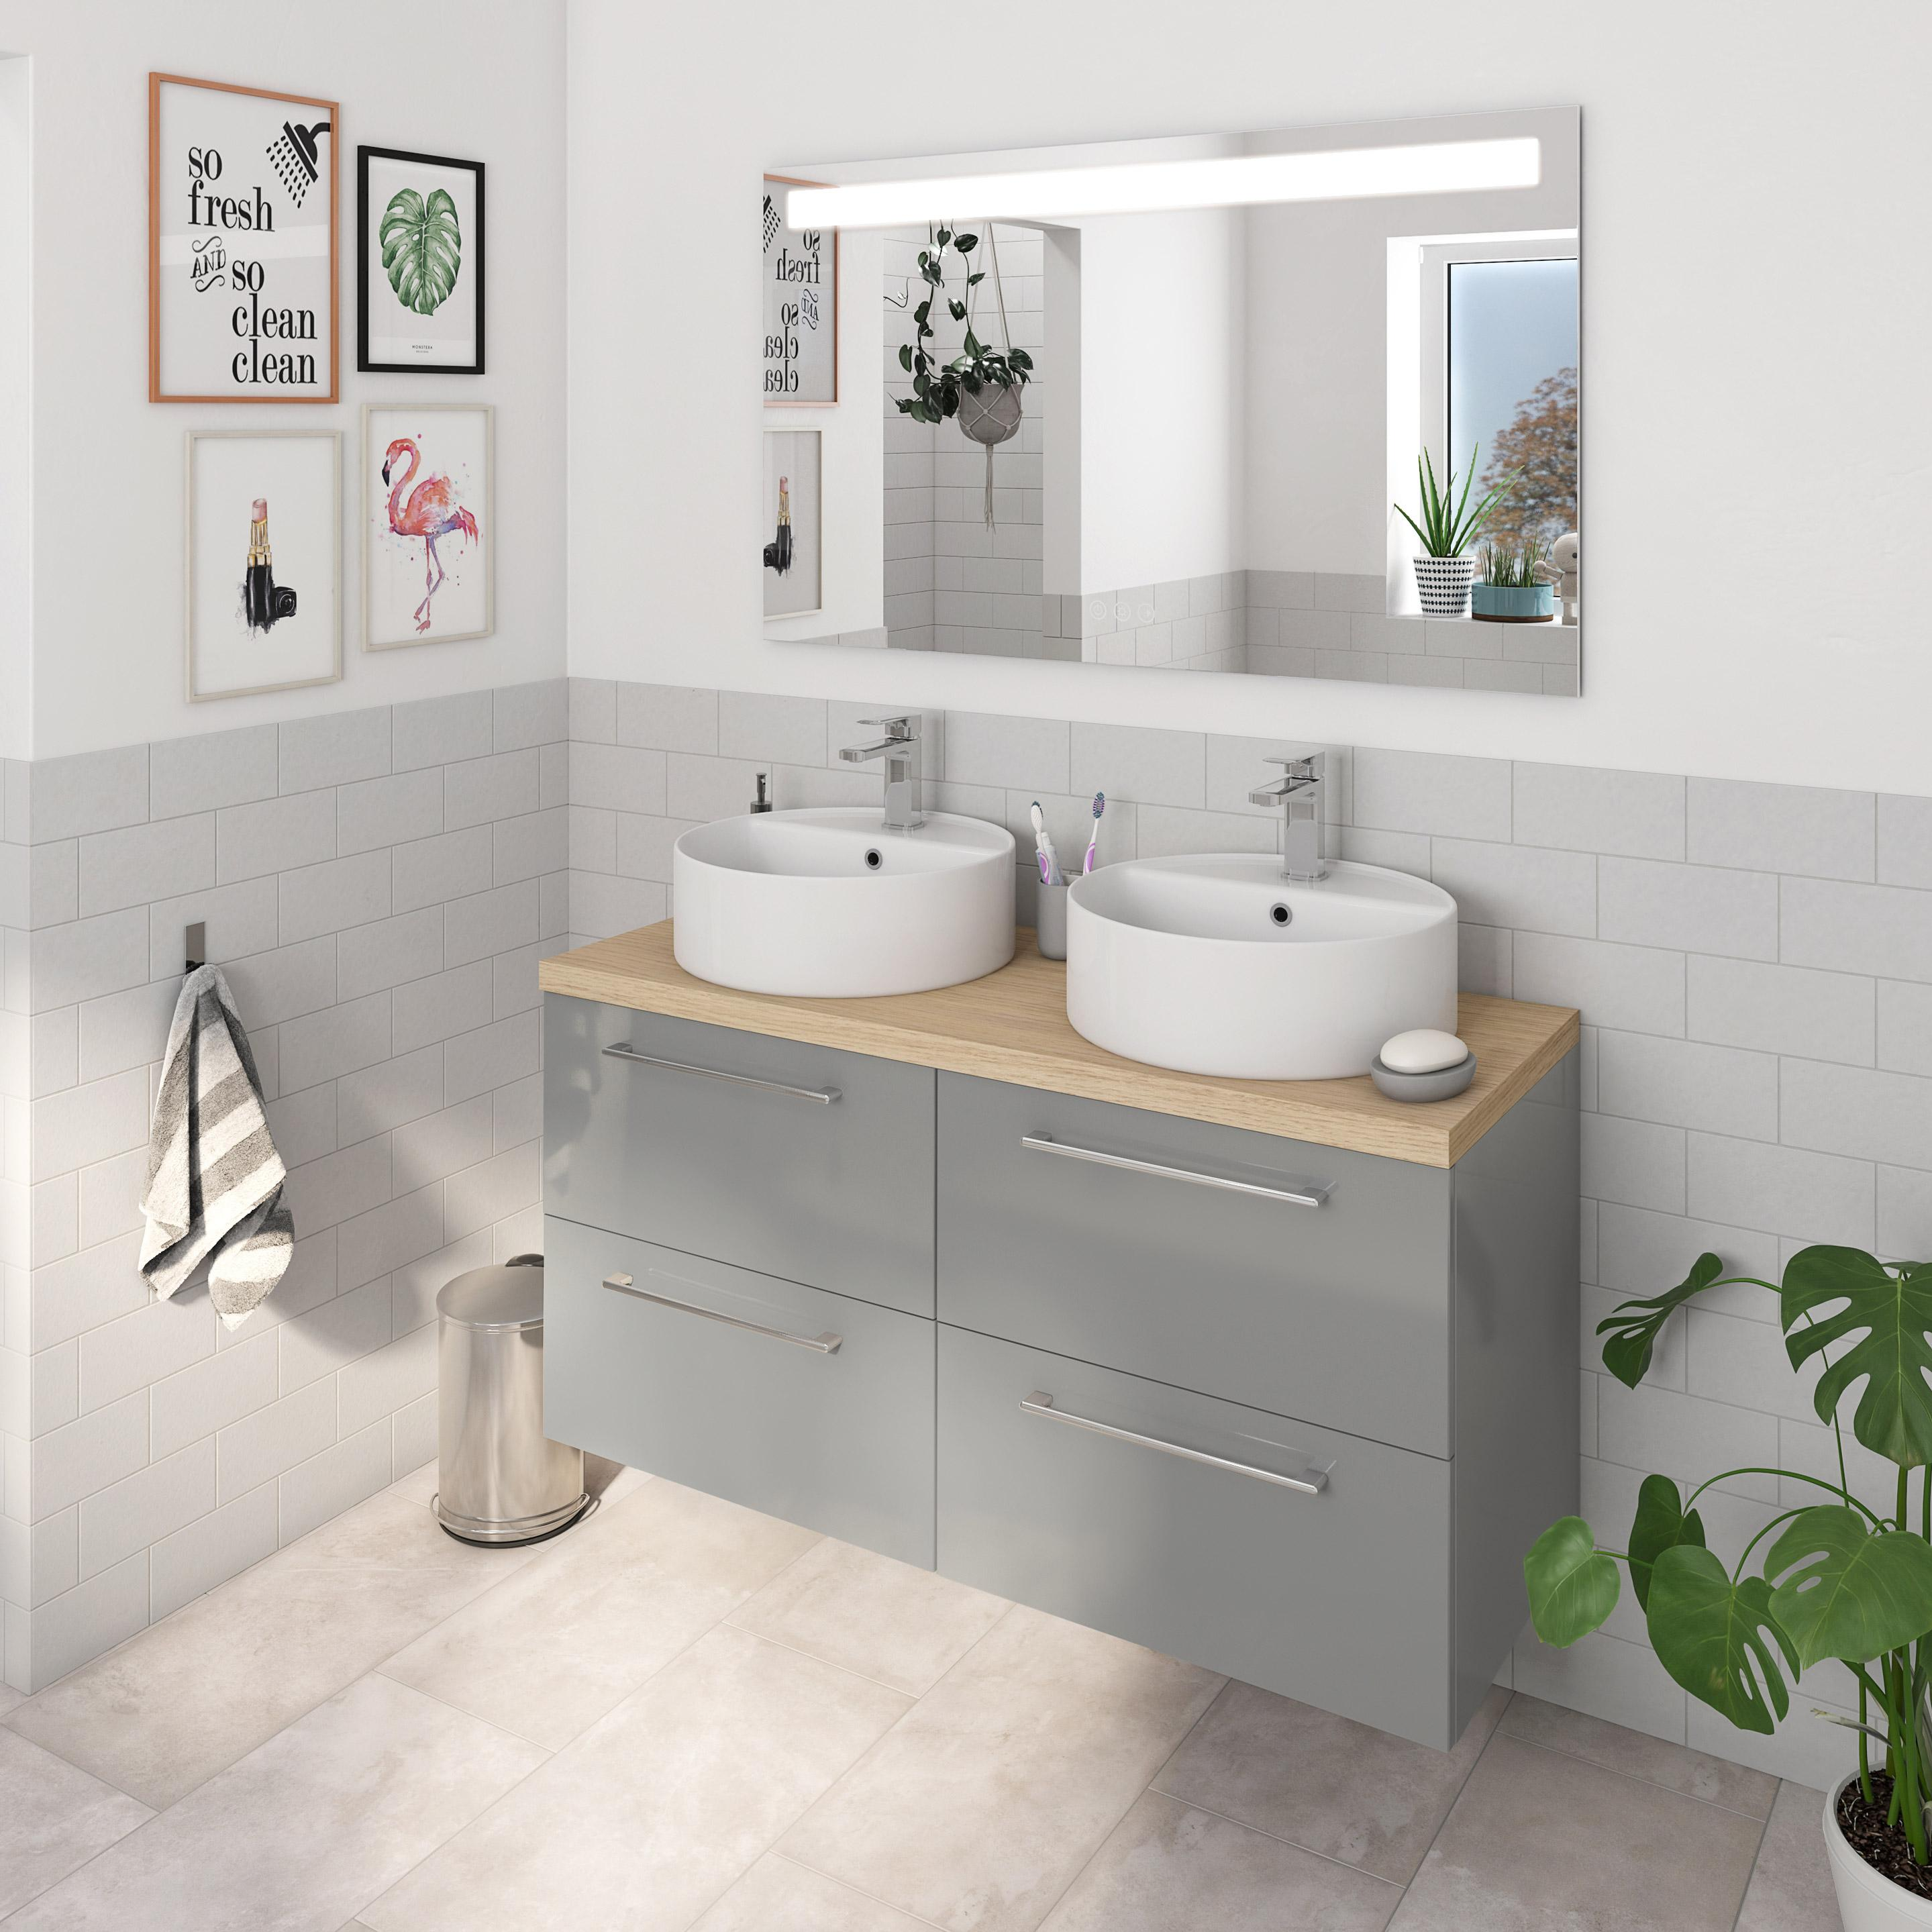 Meuble Vasque Leroy Merlin meuble double vasque l.120 x h.58 x p.48 cm, gris, remix en